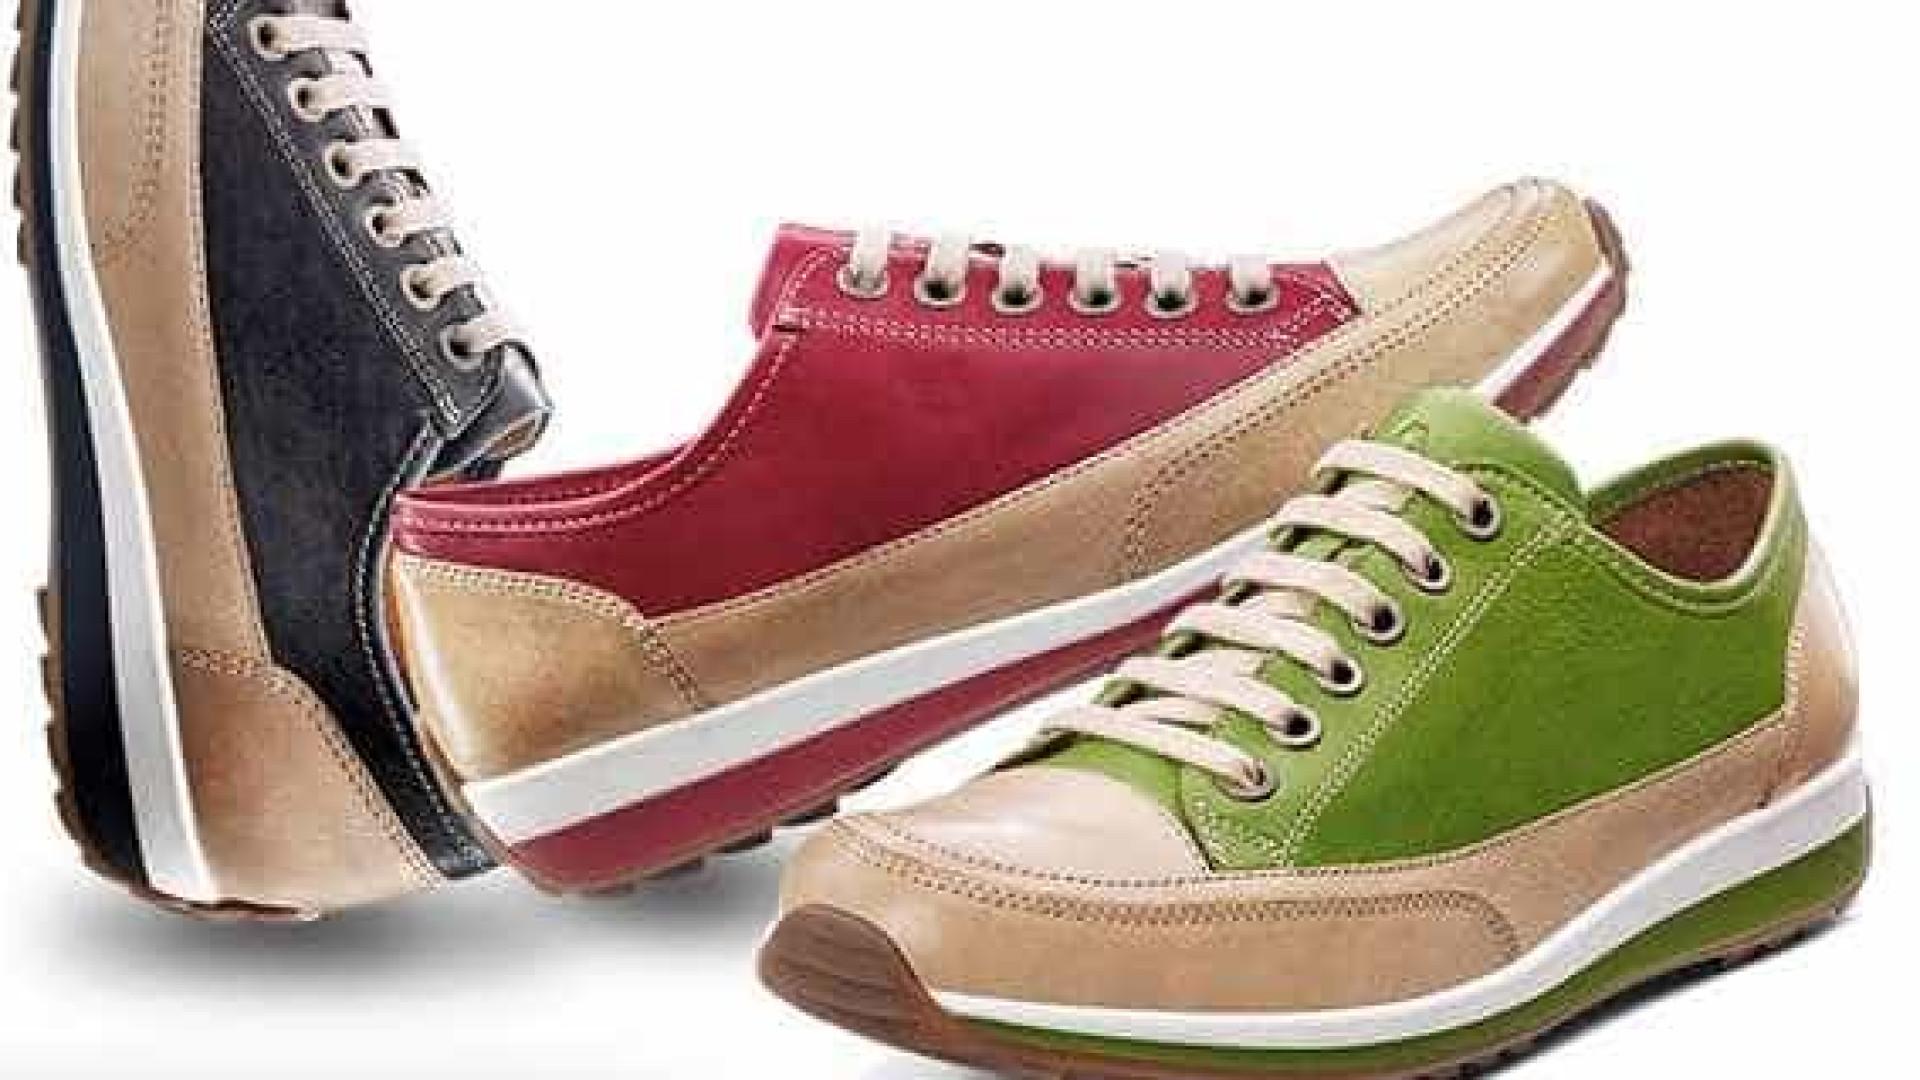 03780332f Portugal com recorde de 86 empresas e 100 marcas na maior feira de calçado